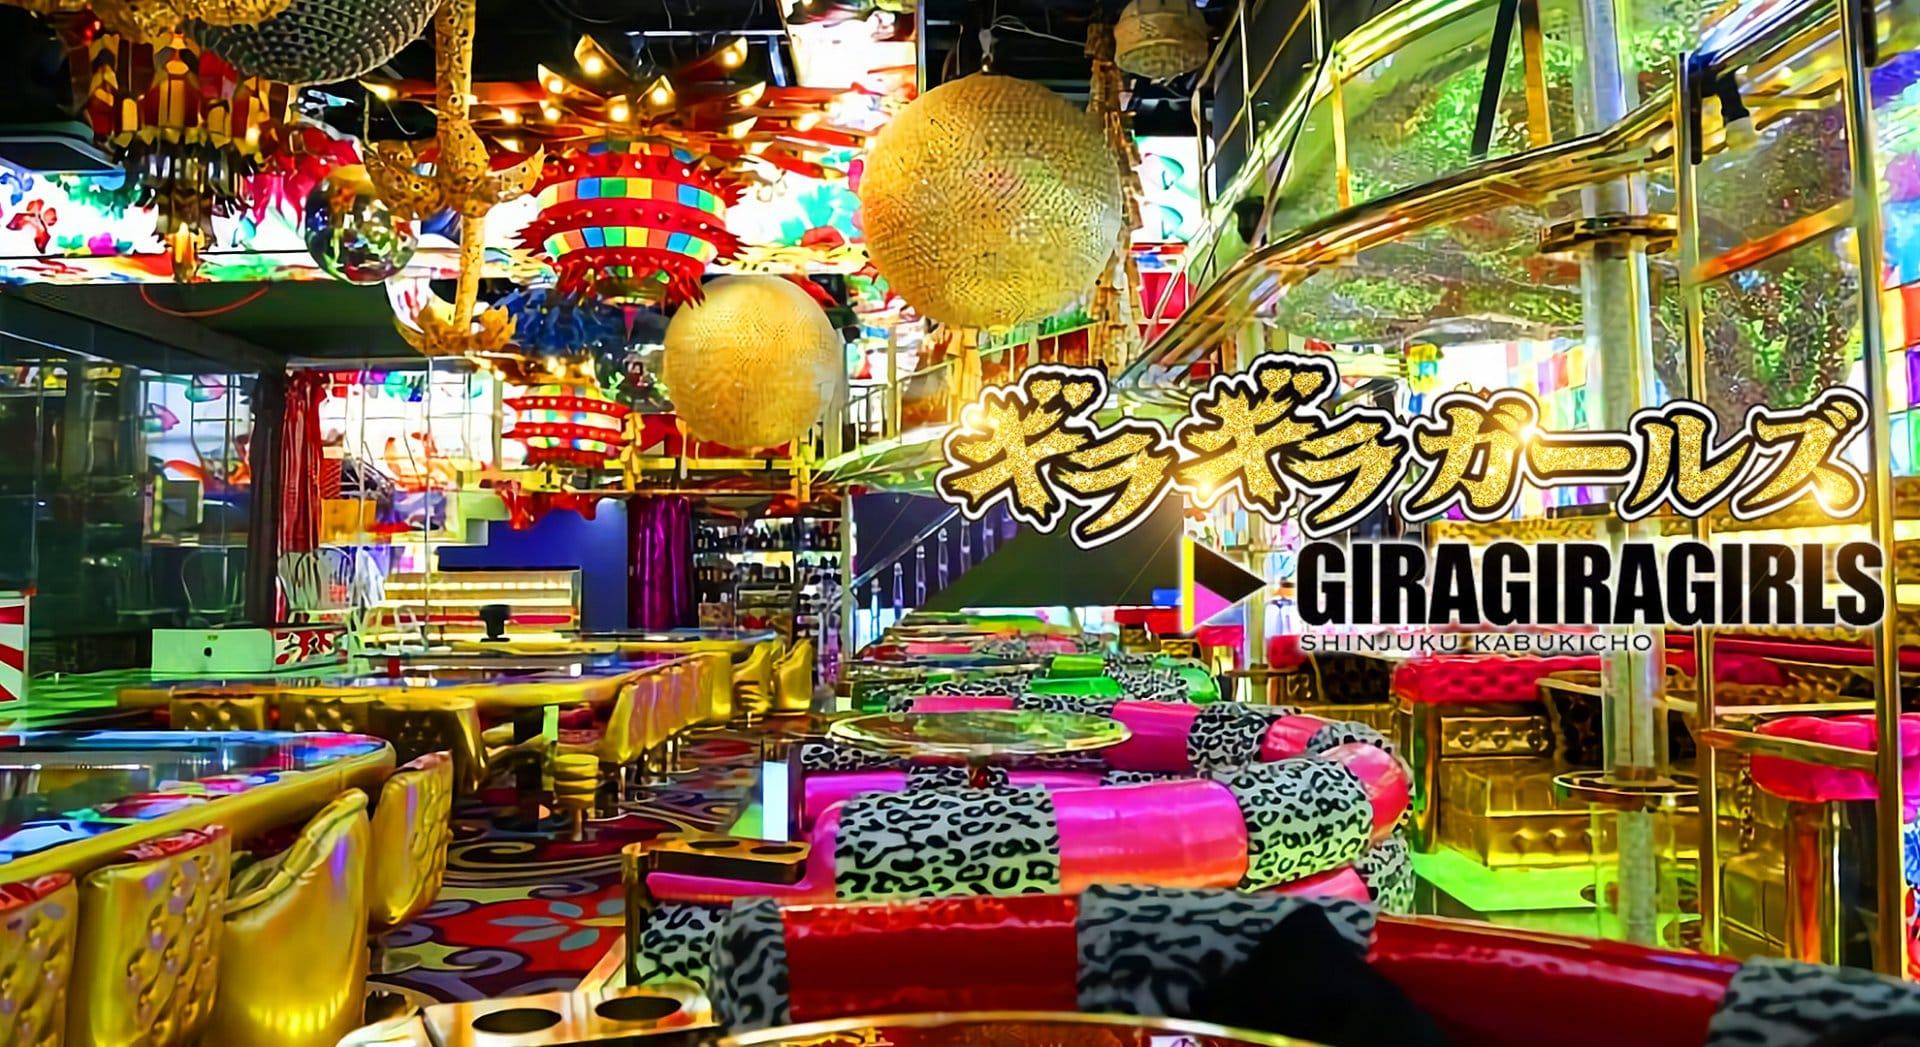 ギラギラガールズ 歌舞伎町 ガールズバー TOP画像